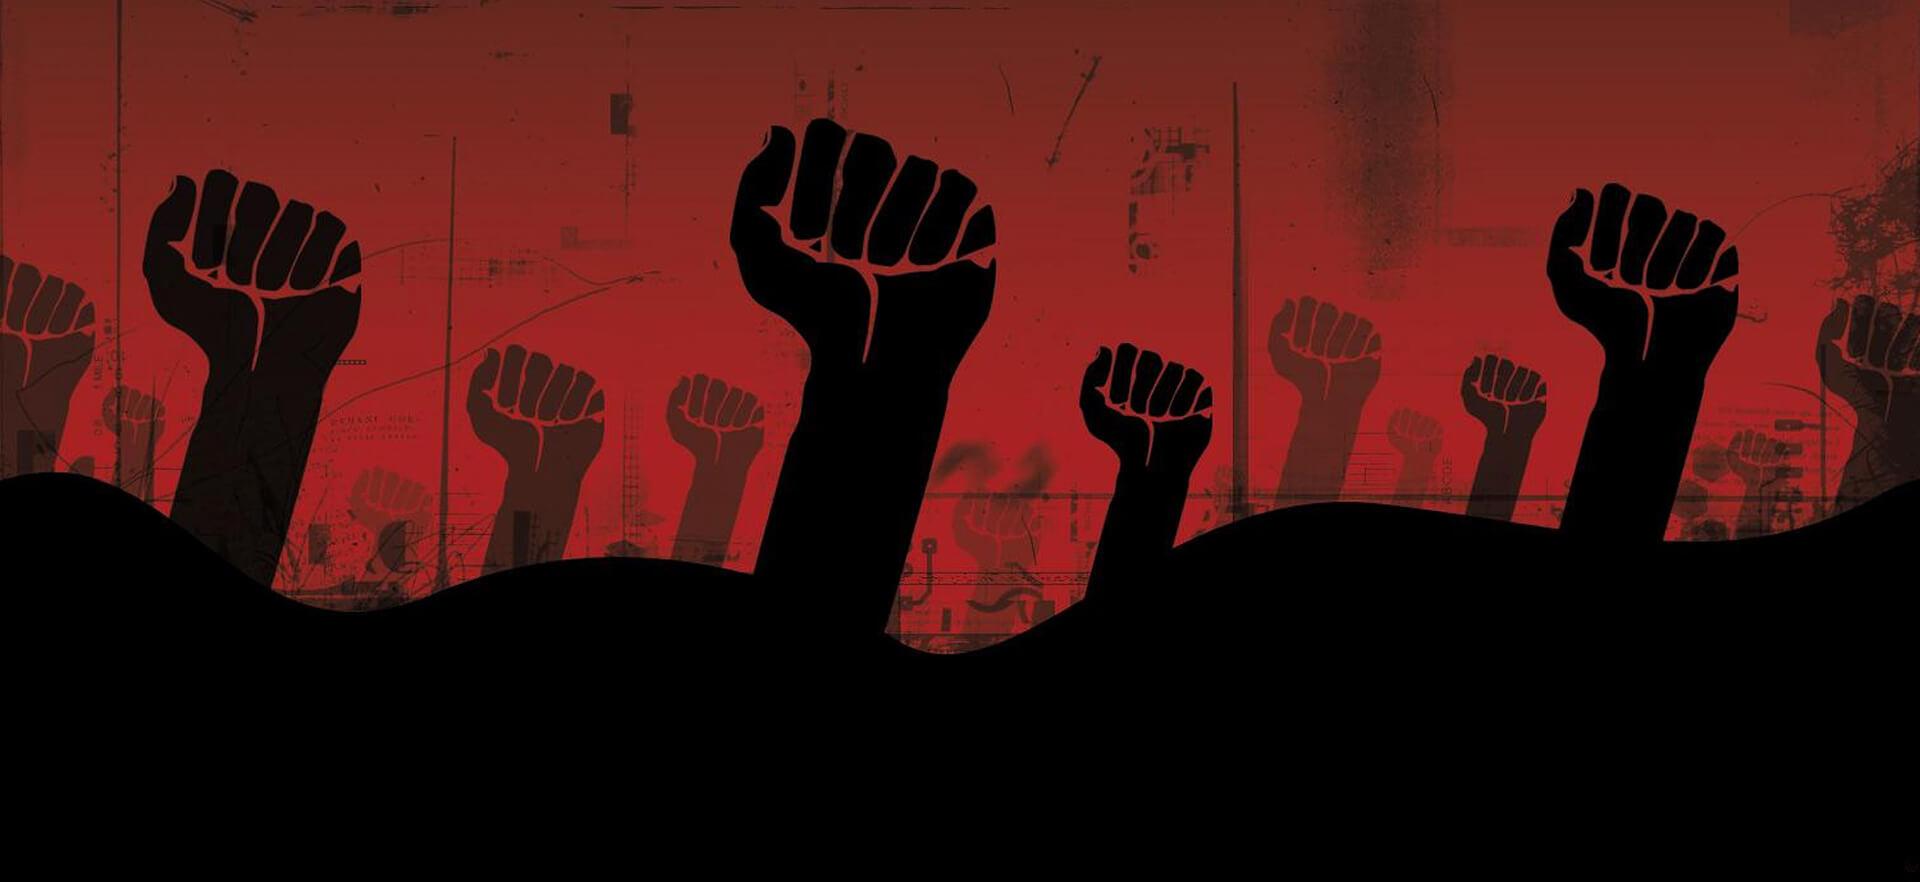 Революции и их рыцари - Колонка Натальи Судленковой - Пражский Телеграф